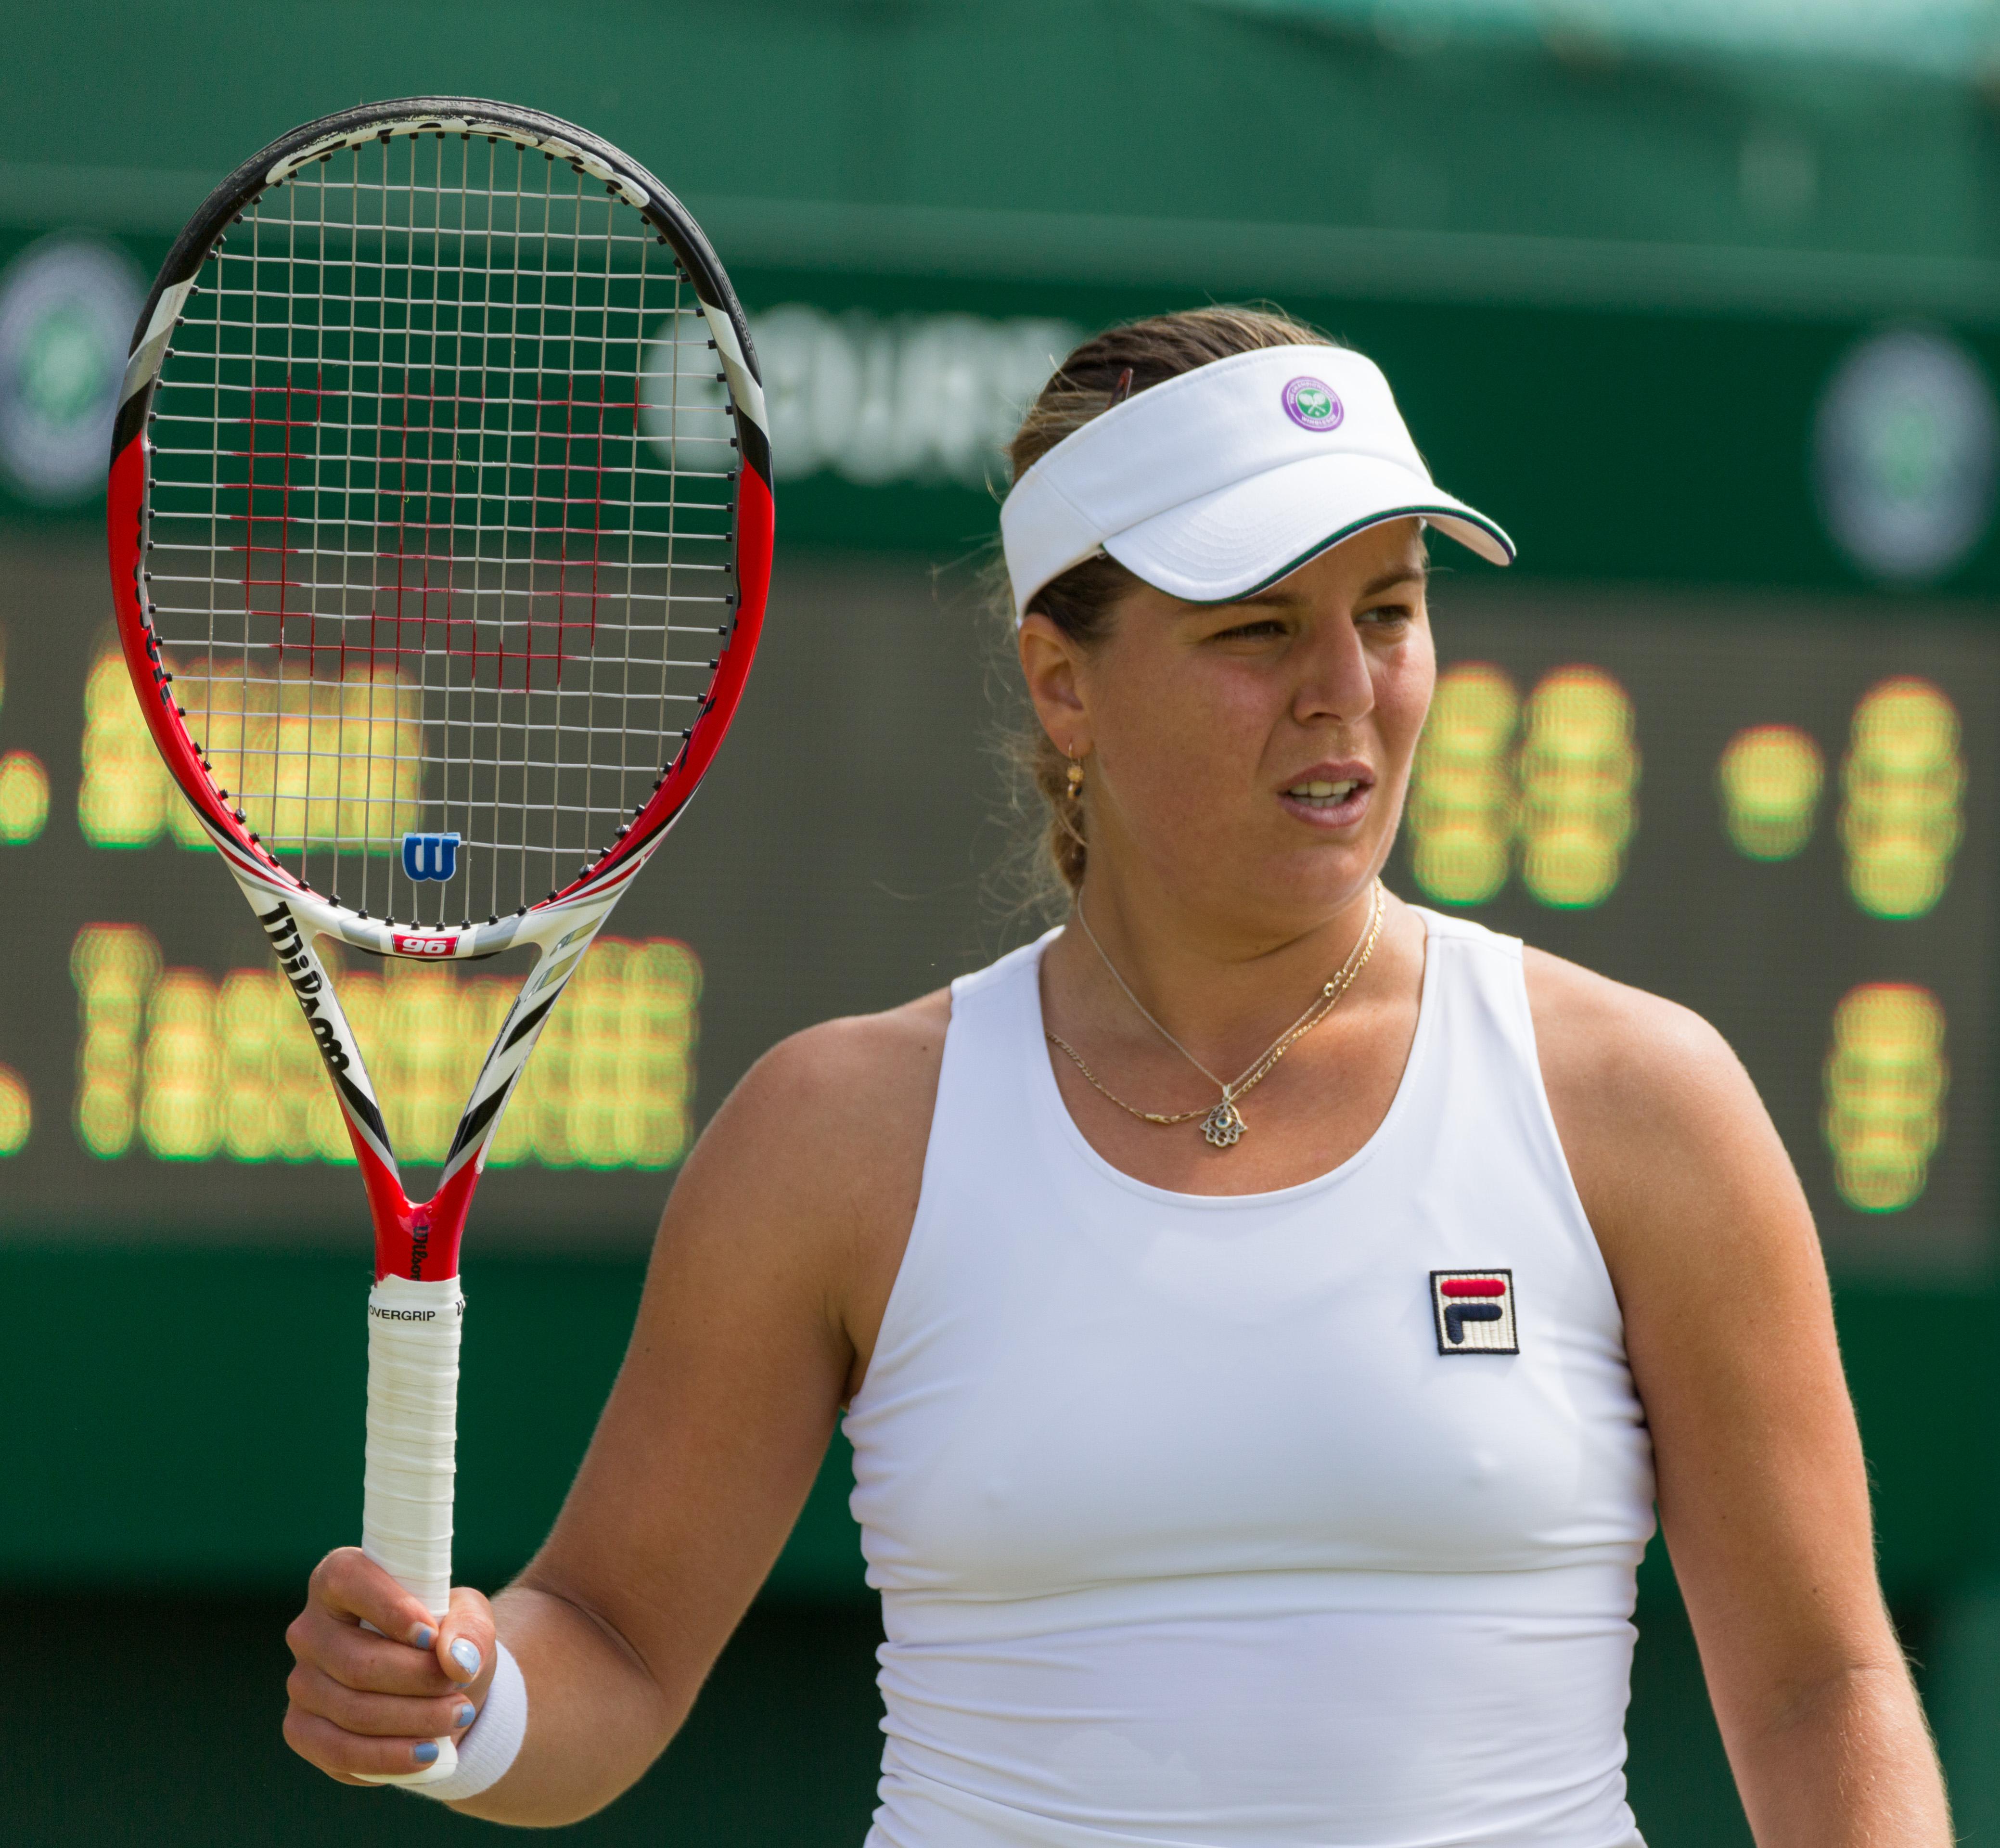 Anna Tatishvili Net Worth 2018: What is this tennis player worth?